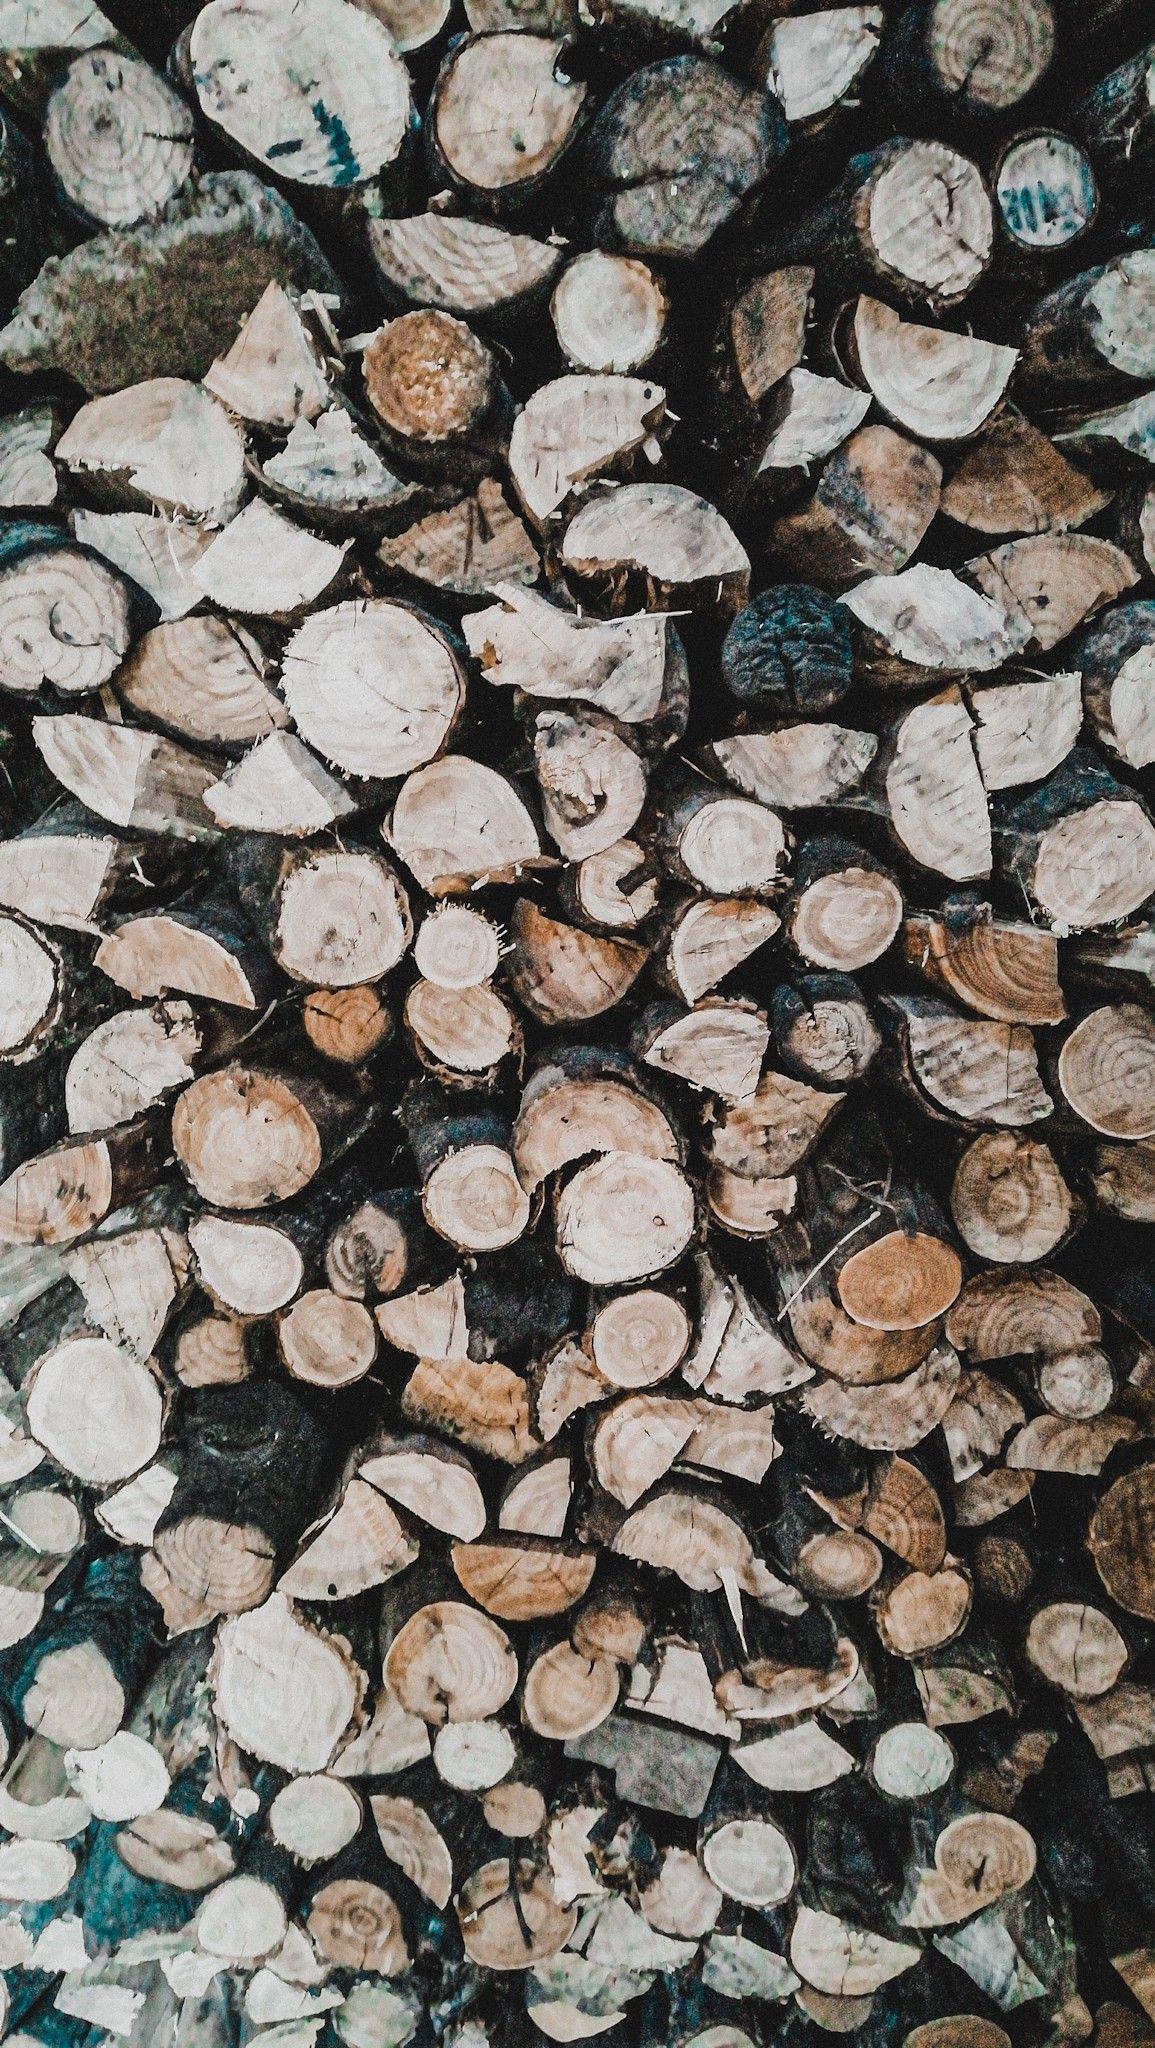 Обои дрова. Пейзажи foto 7